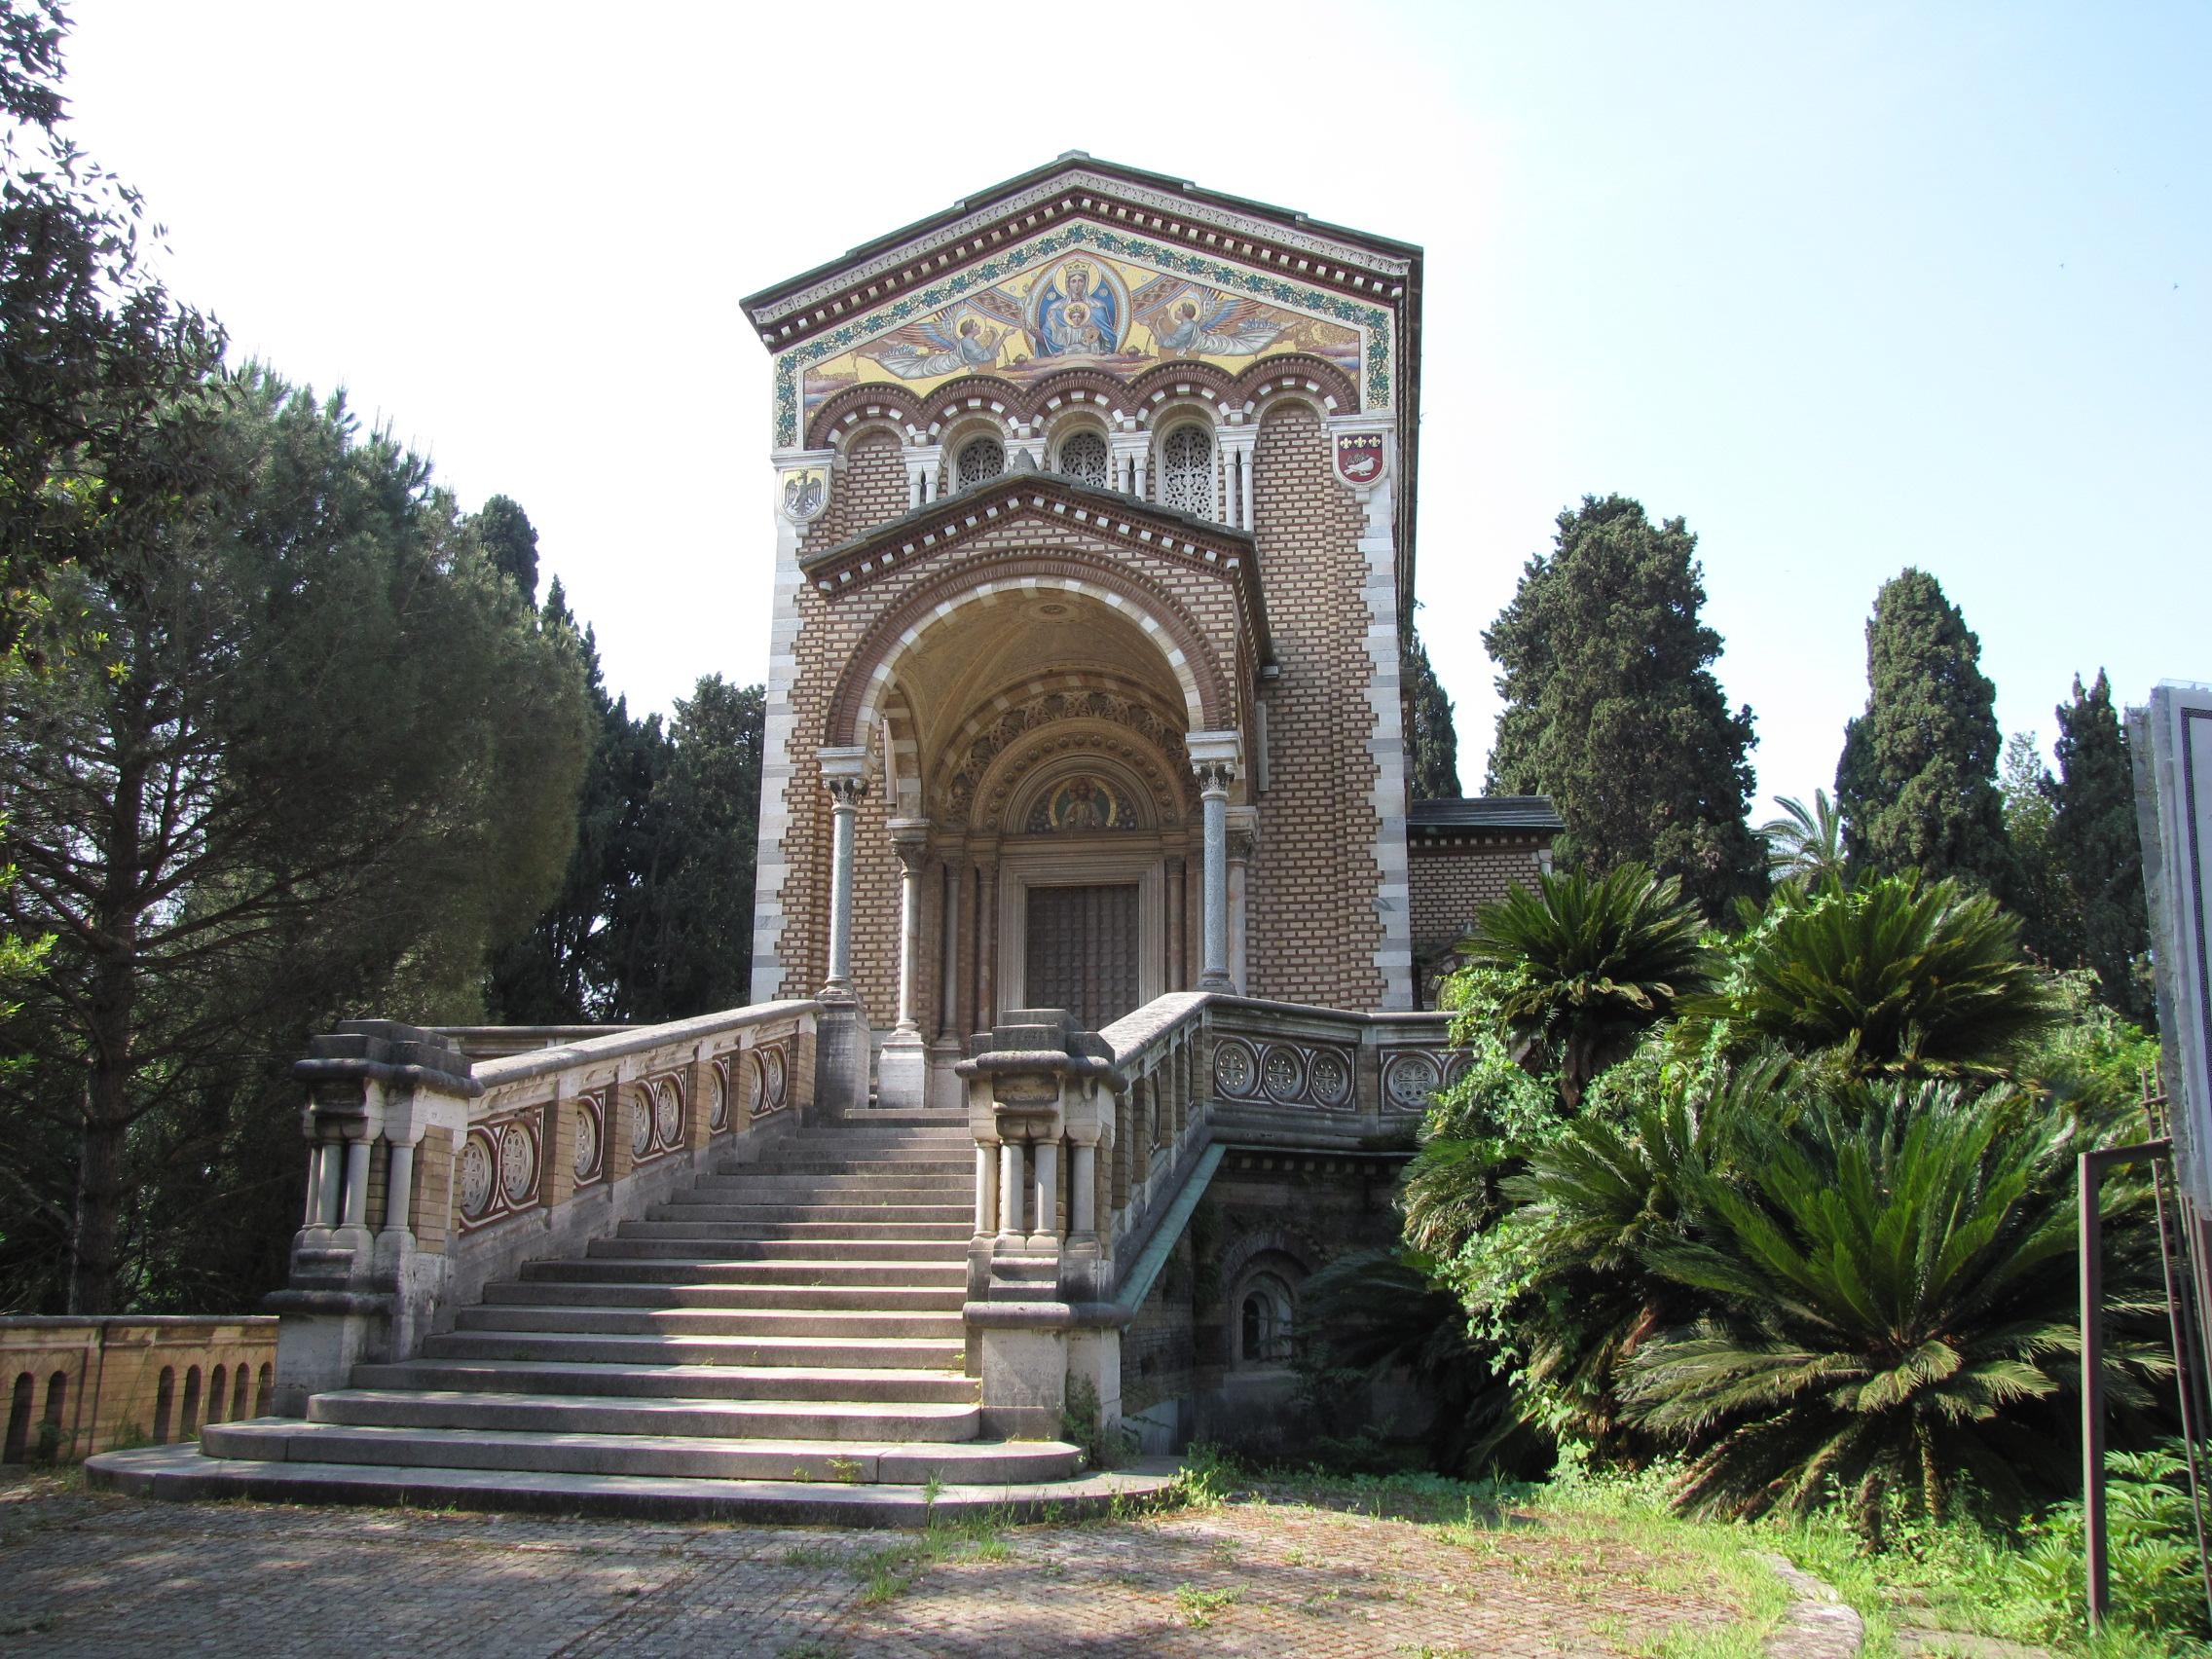 Cover Villa Doria Pamphilj